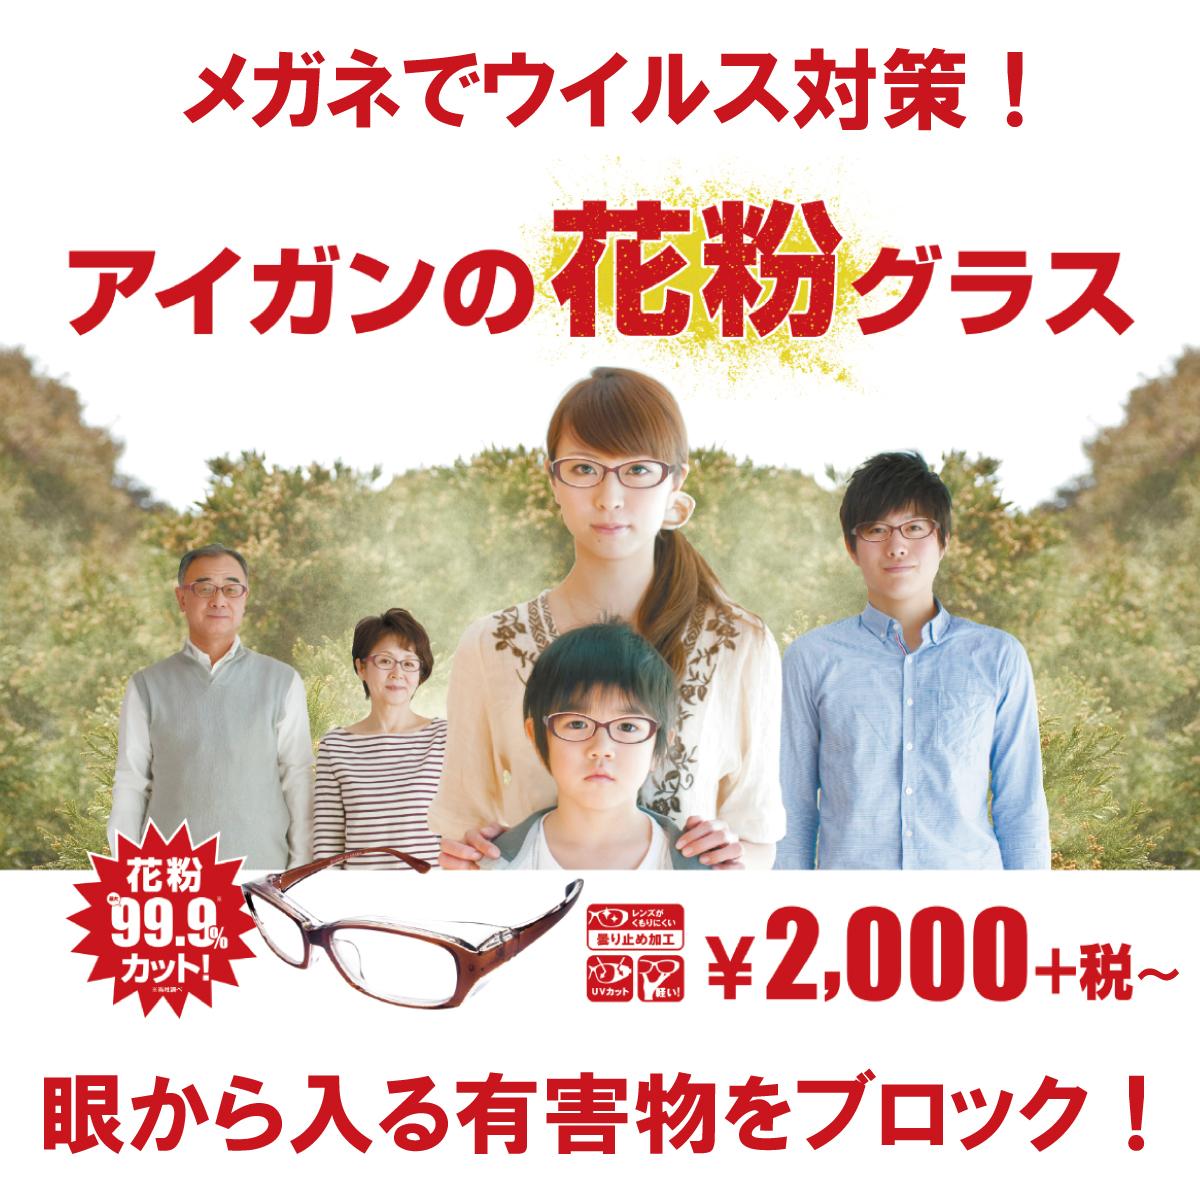 メガネのアイガン 【好評発売中】花粉対策グラス:イメージ